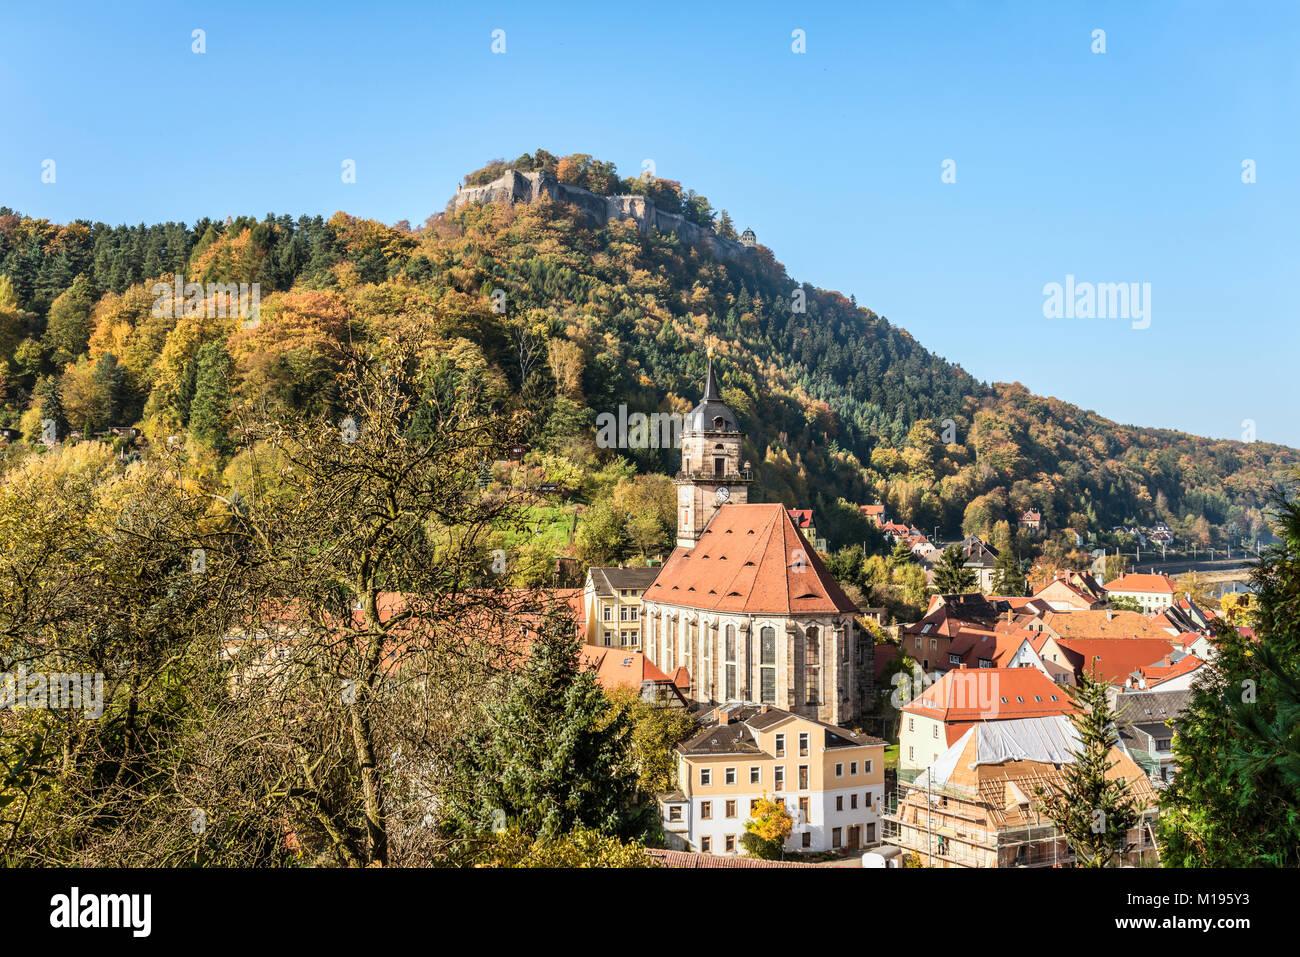 Aussicht ueber das Dorf und die Festung Koenigstein im Elbsandsteingebirge, Sachsen, Deutschland   View over the - Stock Image